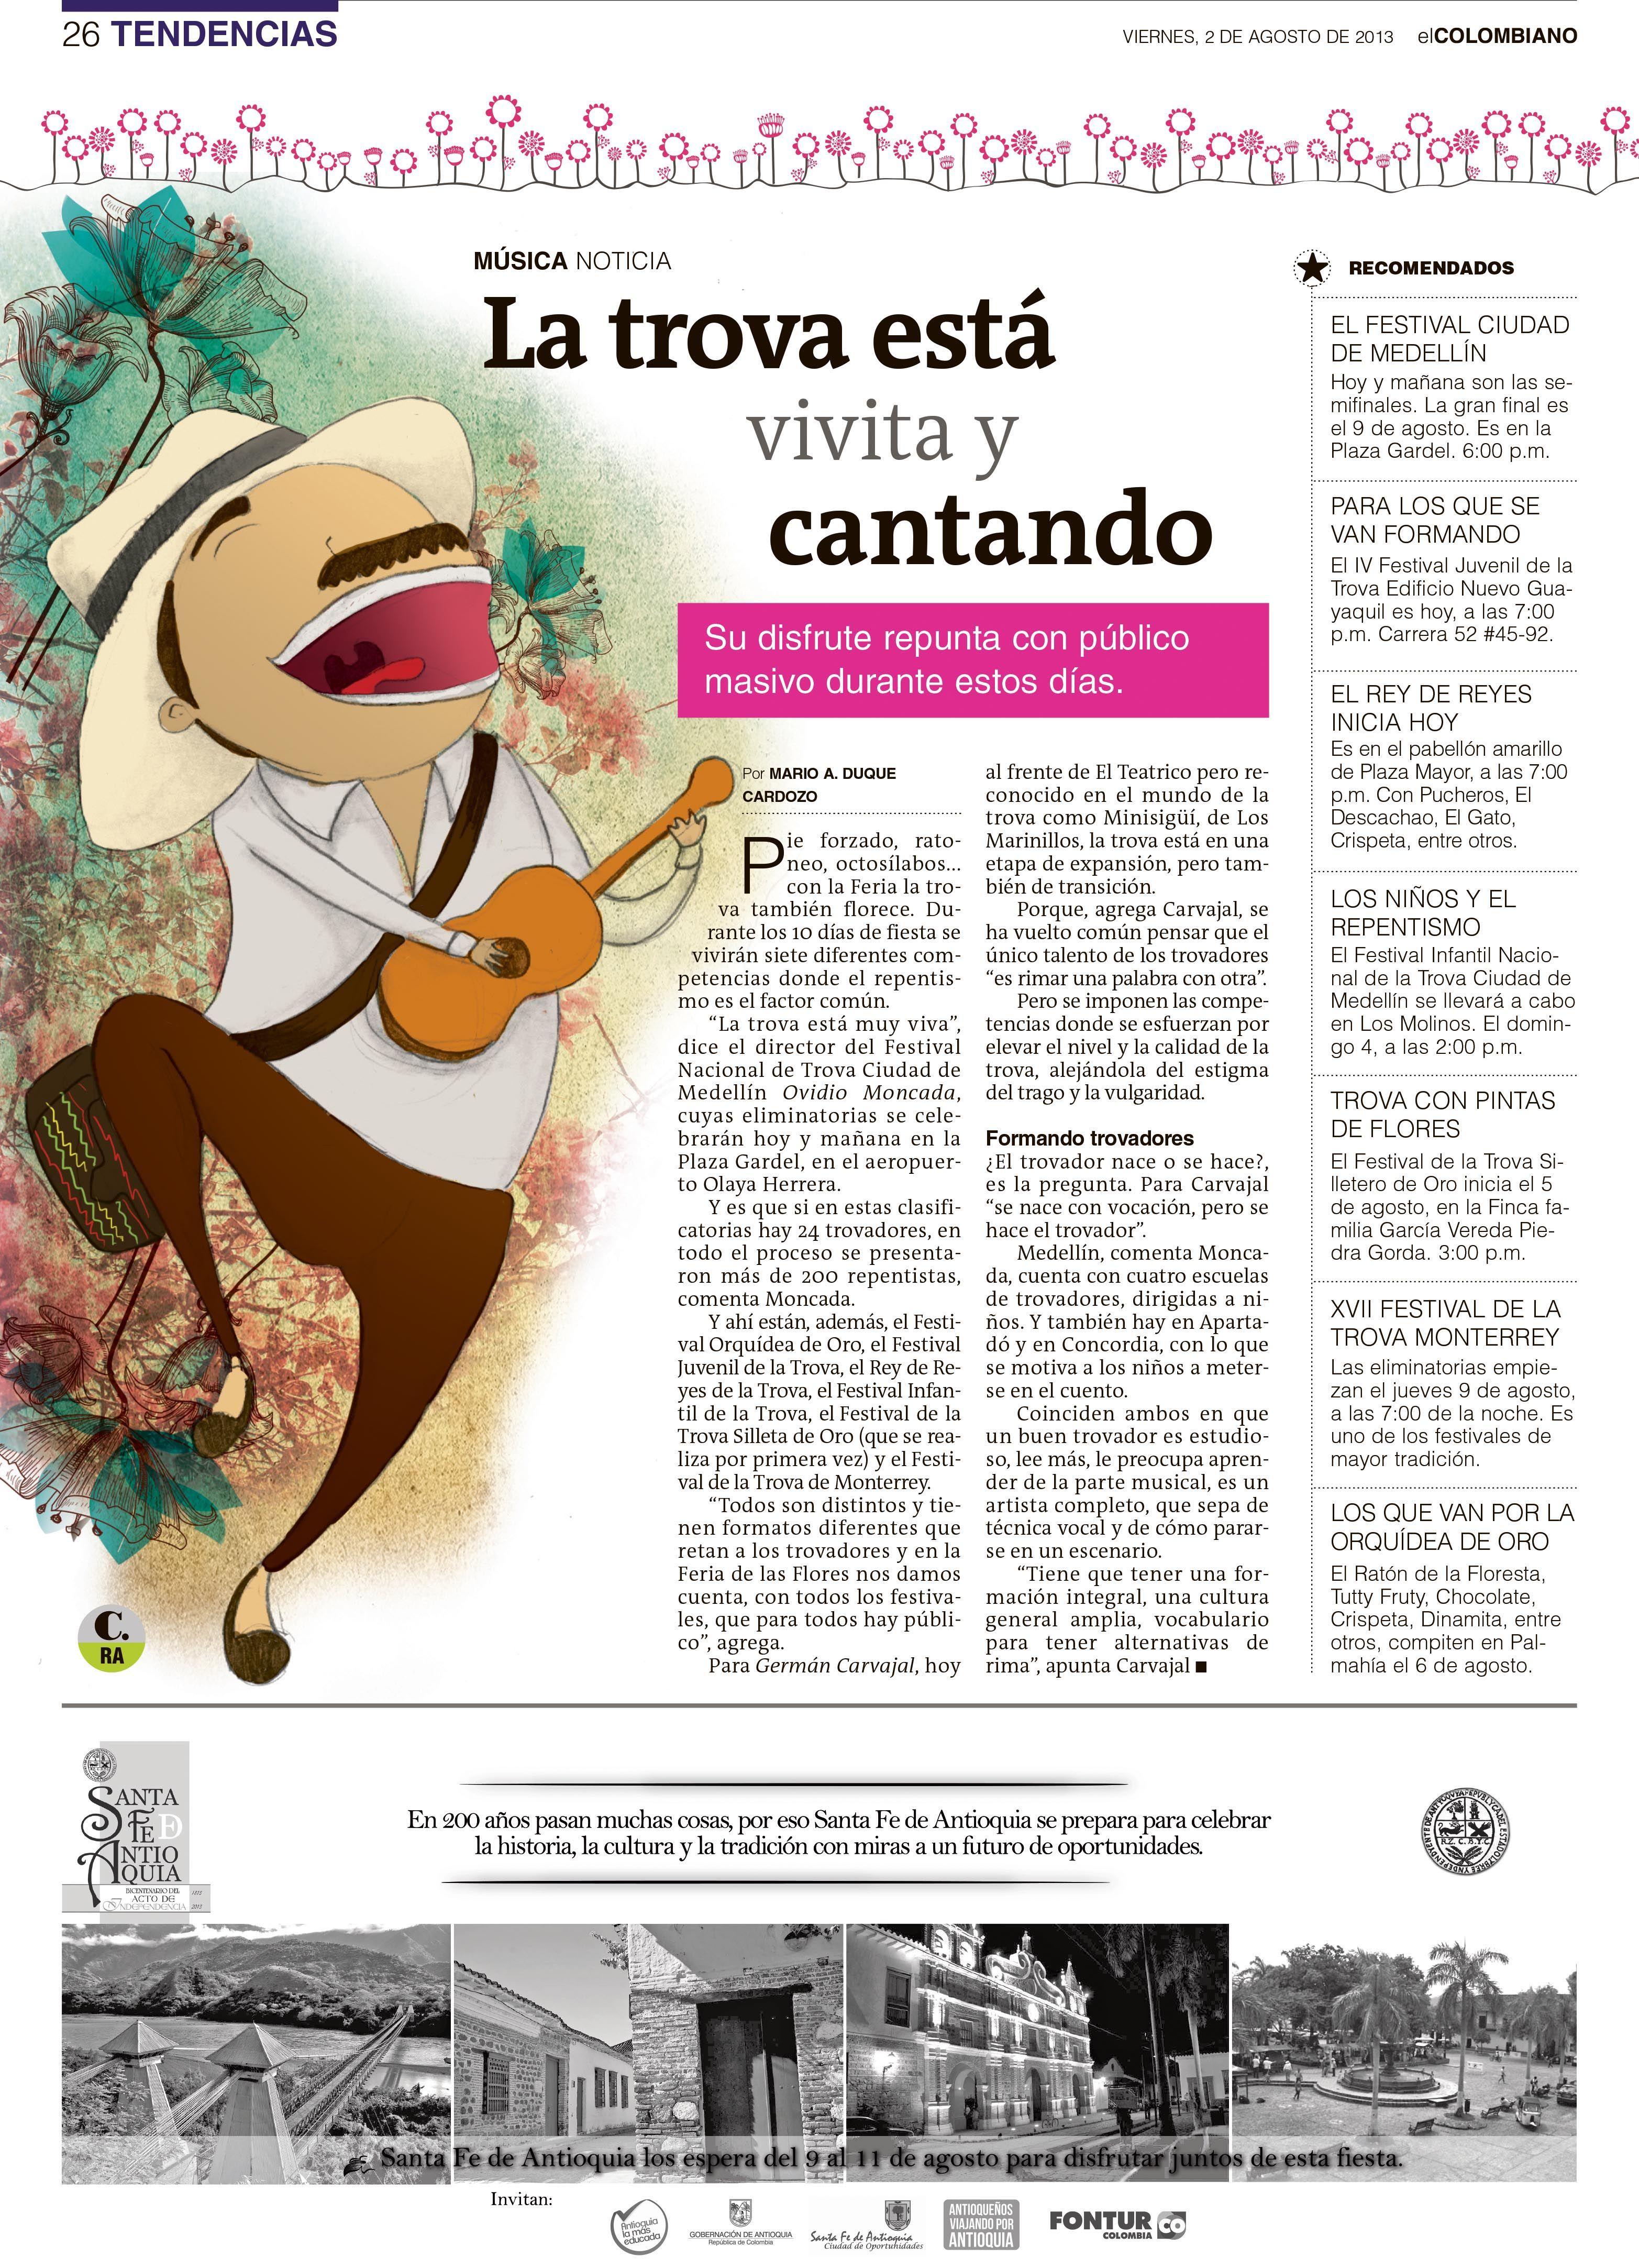 Ilustración creada para periódico El Colombiano @Perfil Btl ...